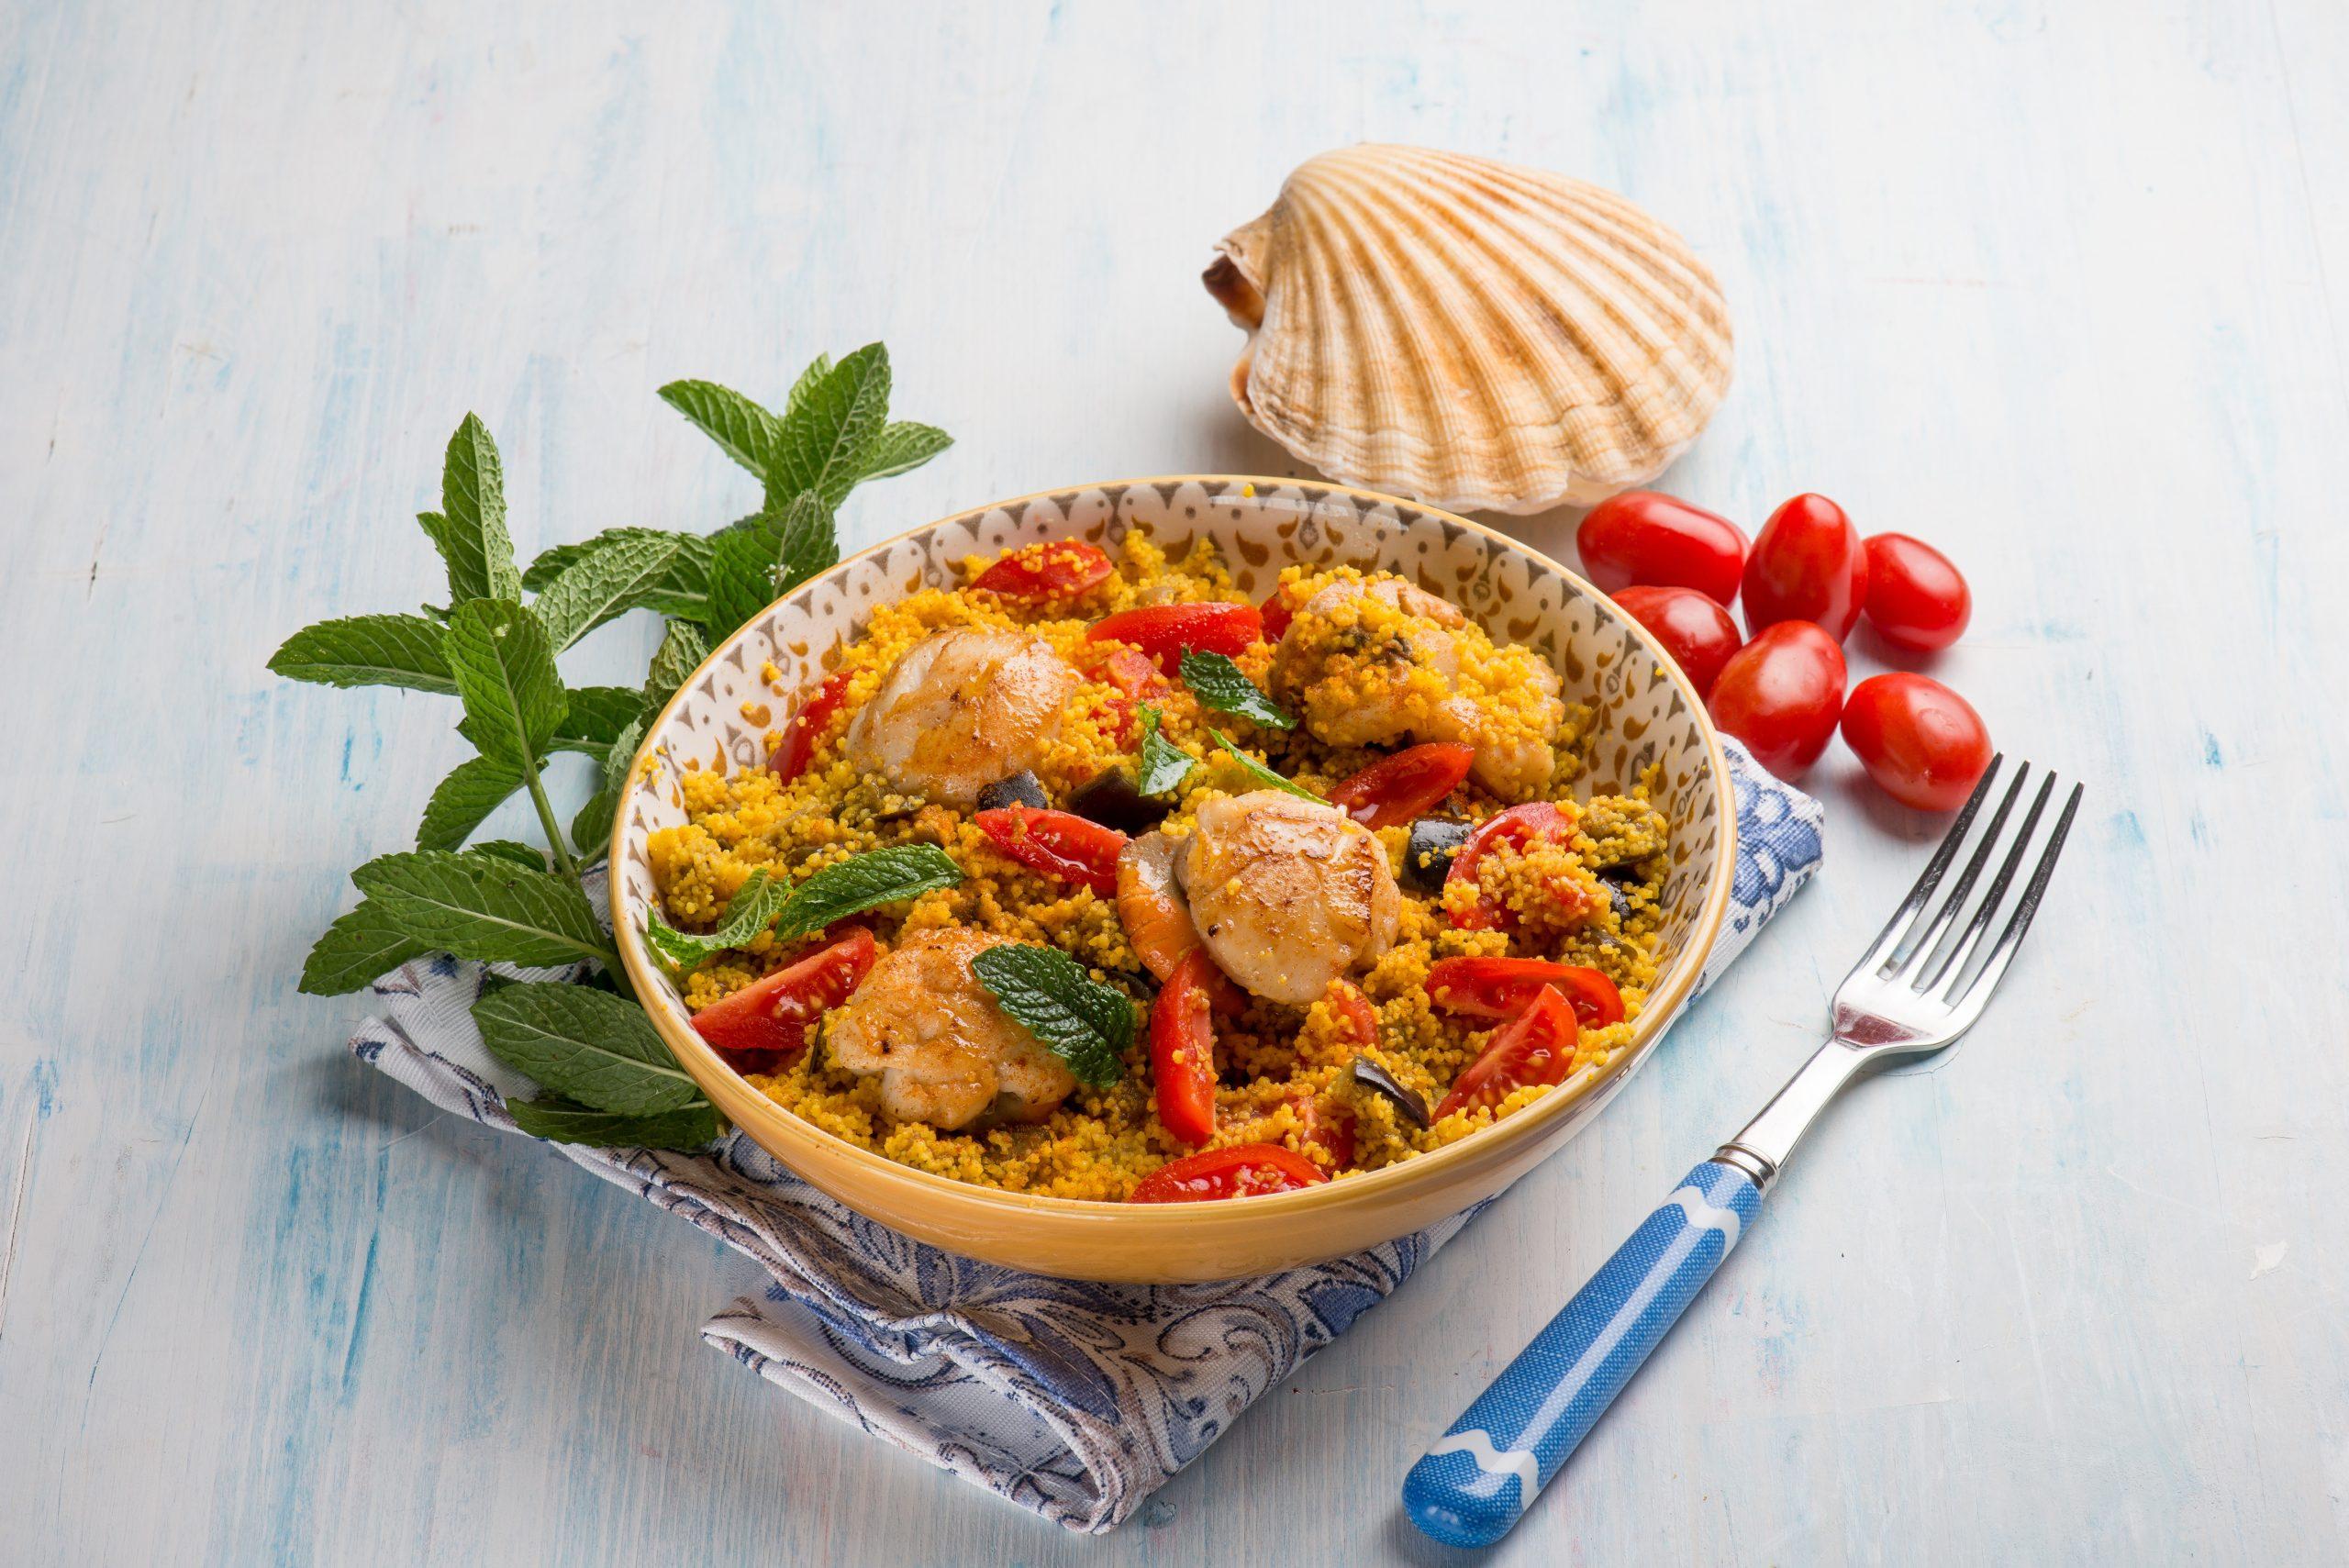 Les ingrédients principaux de la cuisine orientale